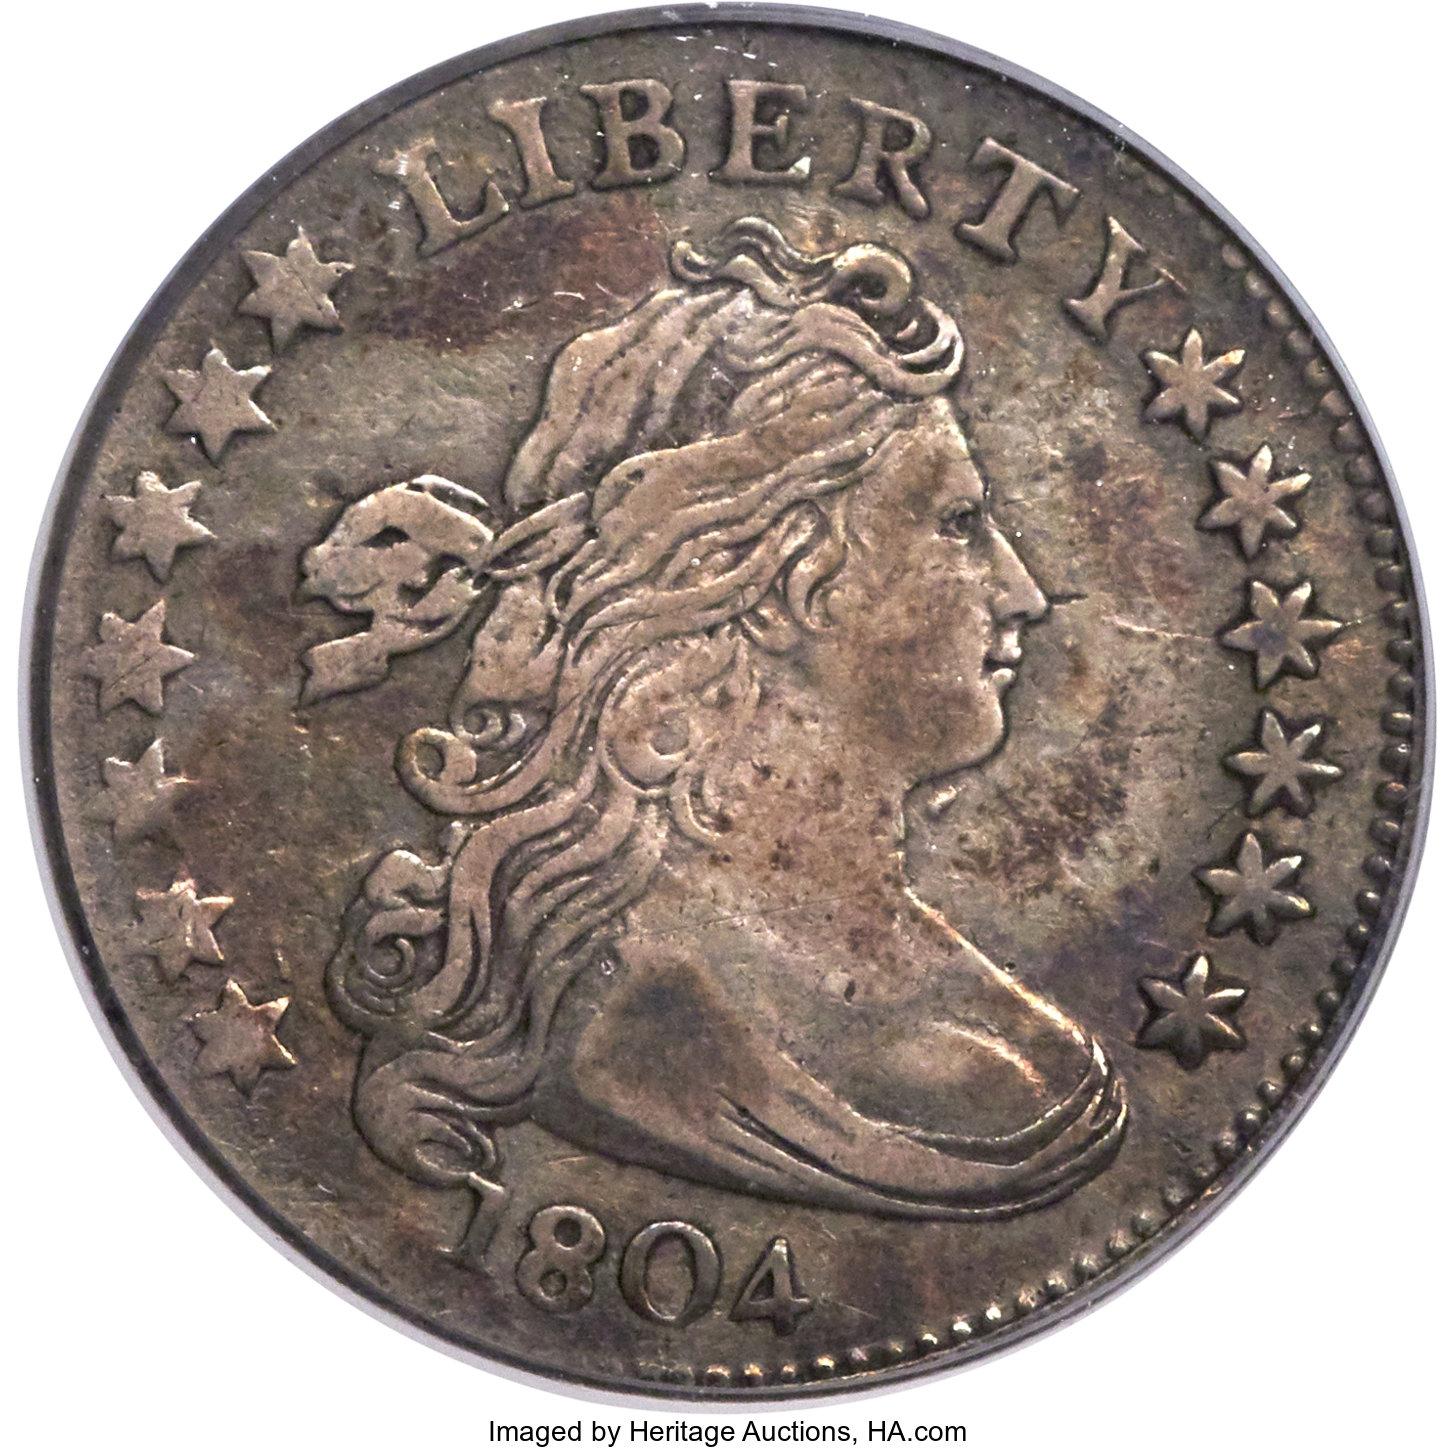 sample image for 1804 14 Star Reverse